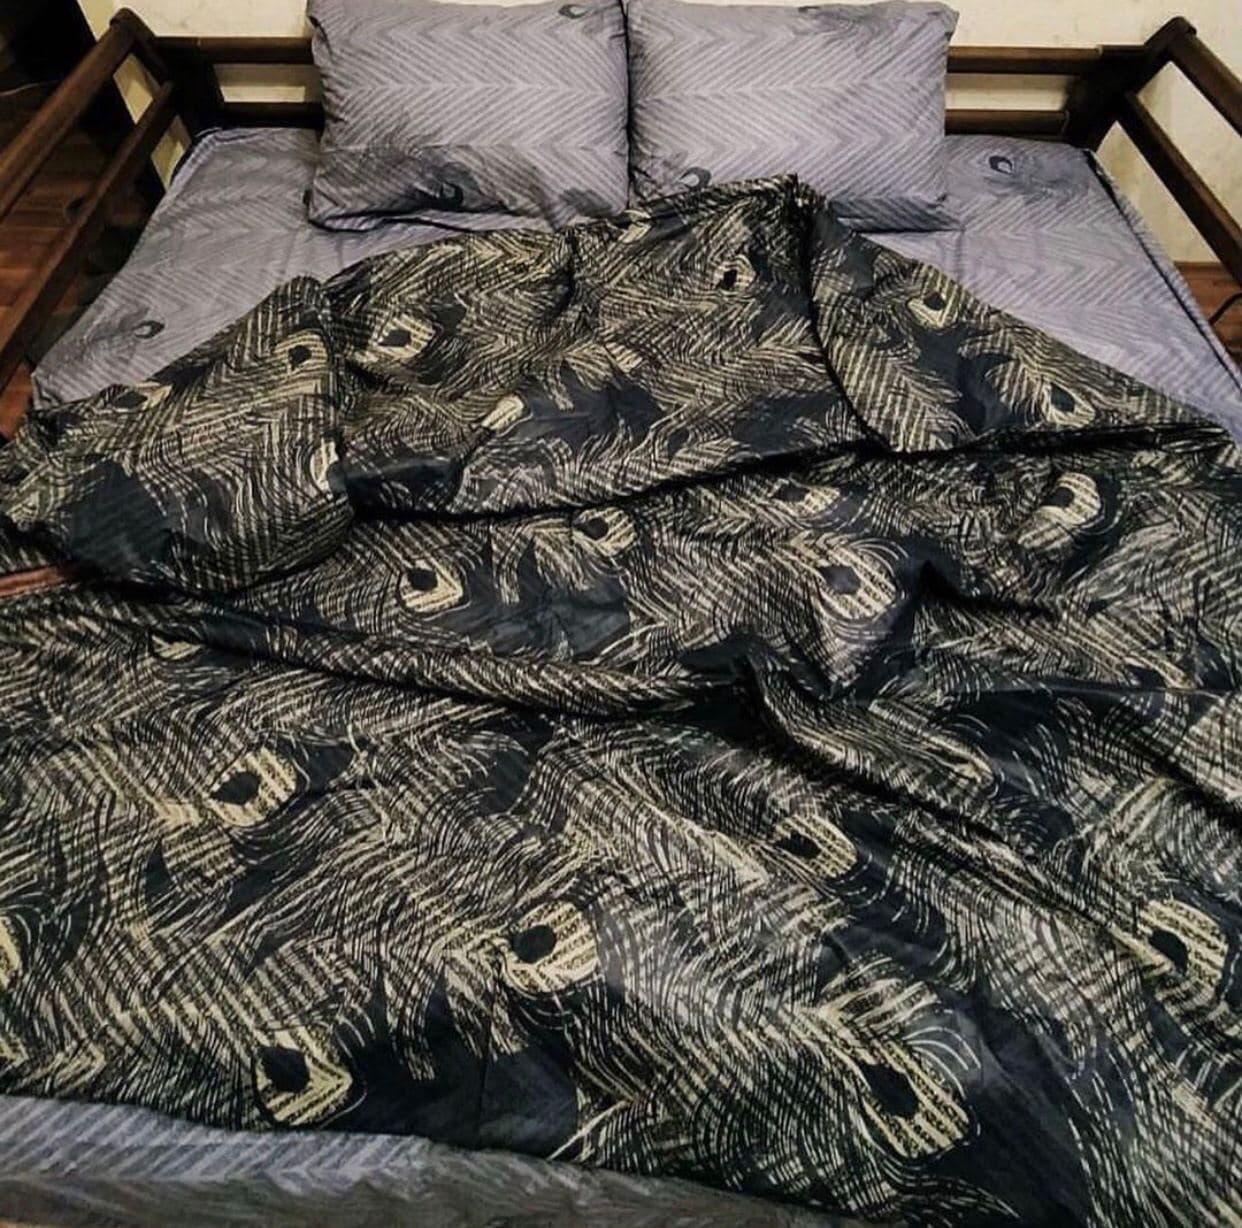 Постельное белье, комплекты - двоспальный, полуторный, семейный, євро